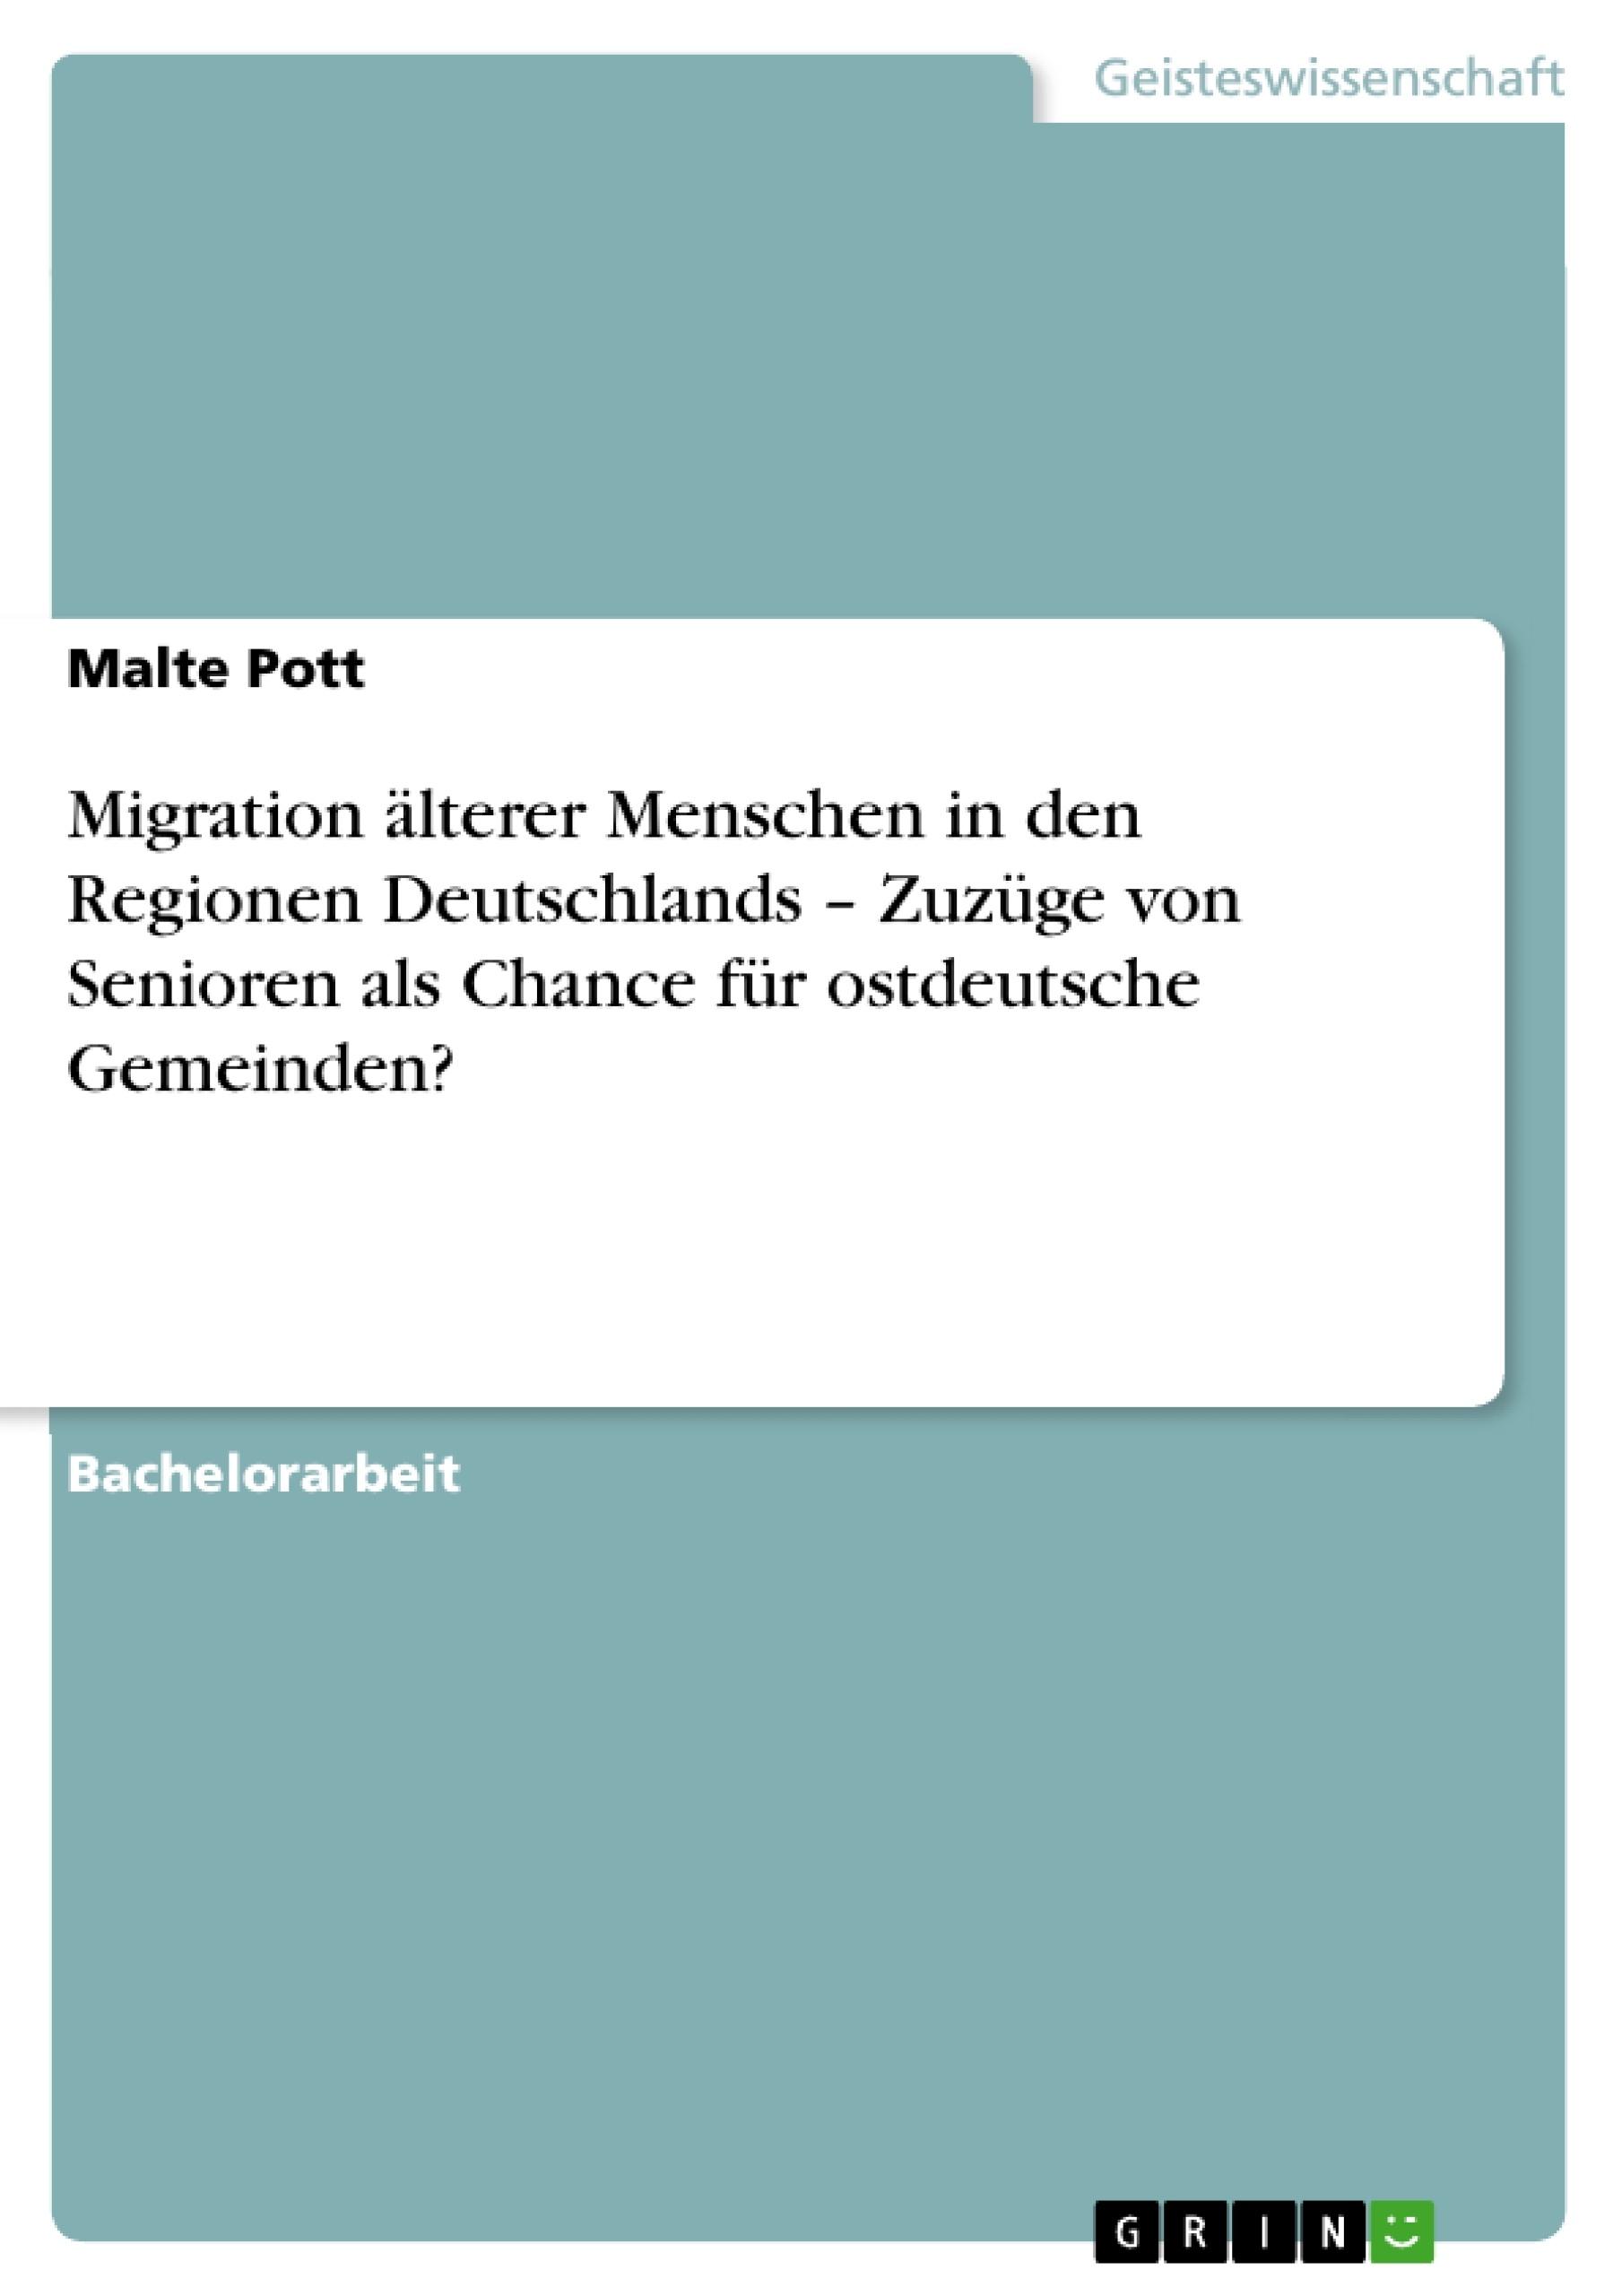 Titel: Migration älterer Menschen in den Regionen Deutschlands – Zuzüge von Senioren als Chance für ostdeutsche Gemeinden?